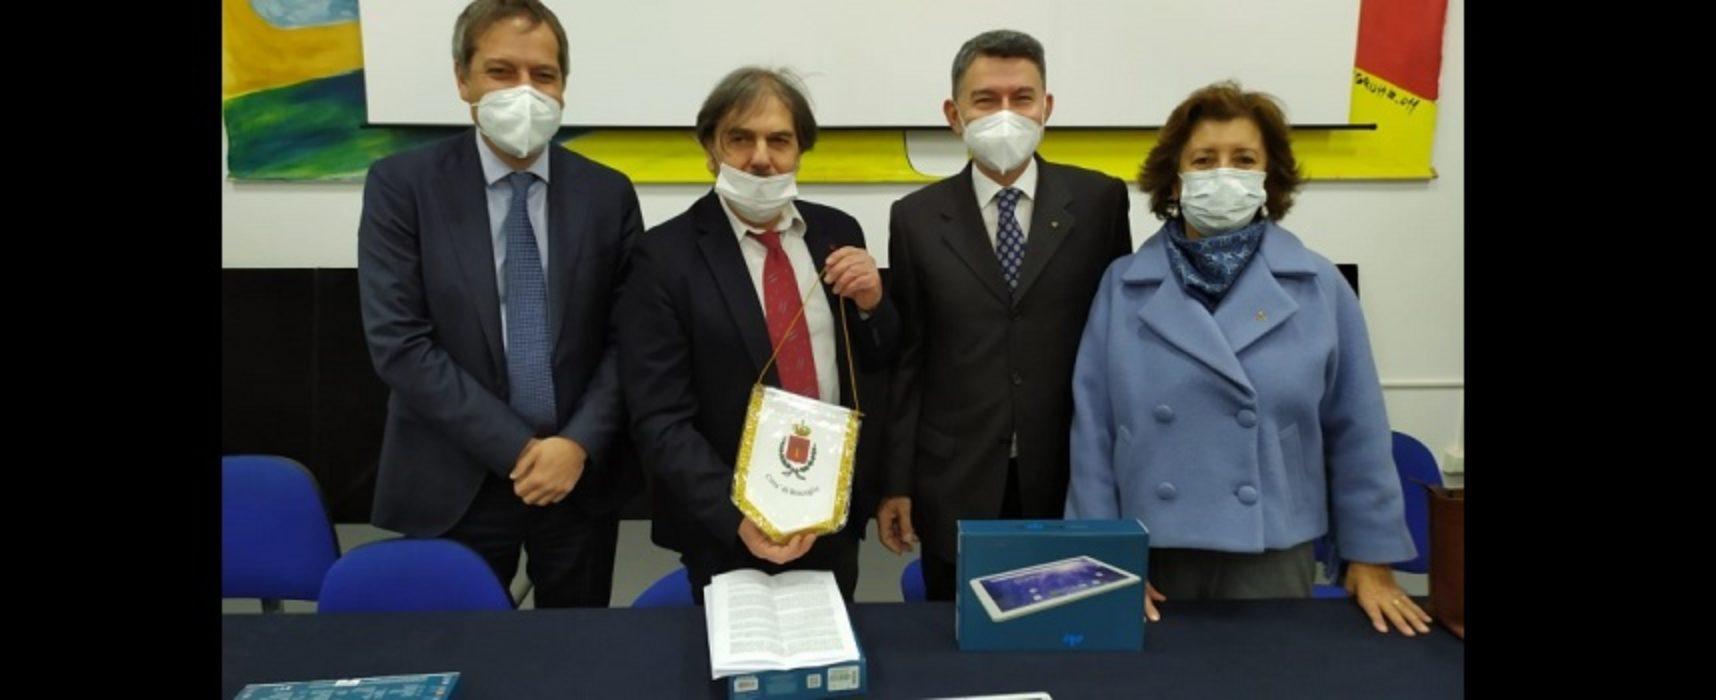 Rotary, donati diciotto tablet all'istituto Cosmai / FOTO